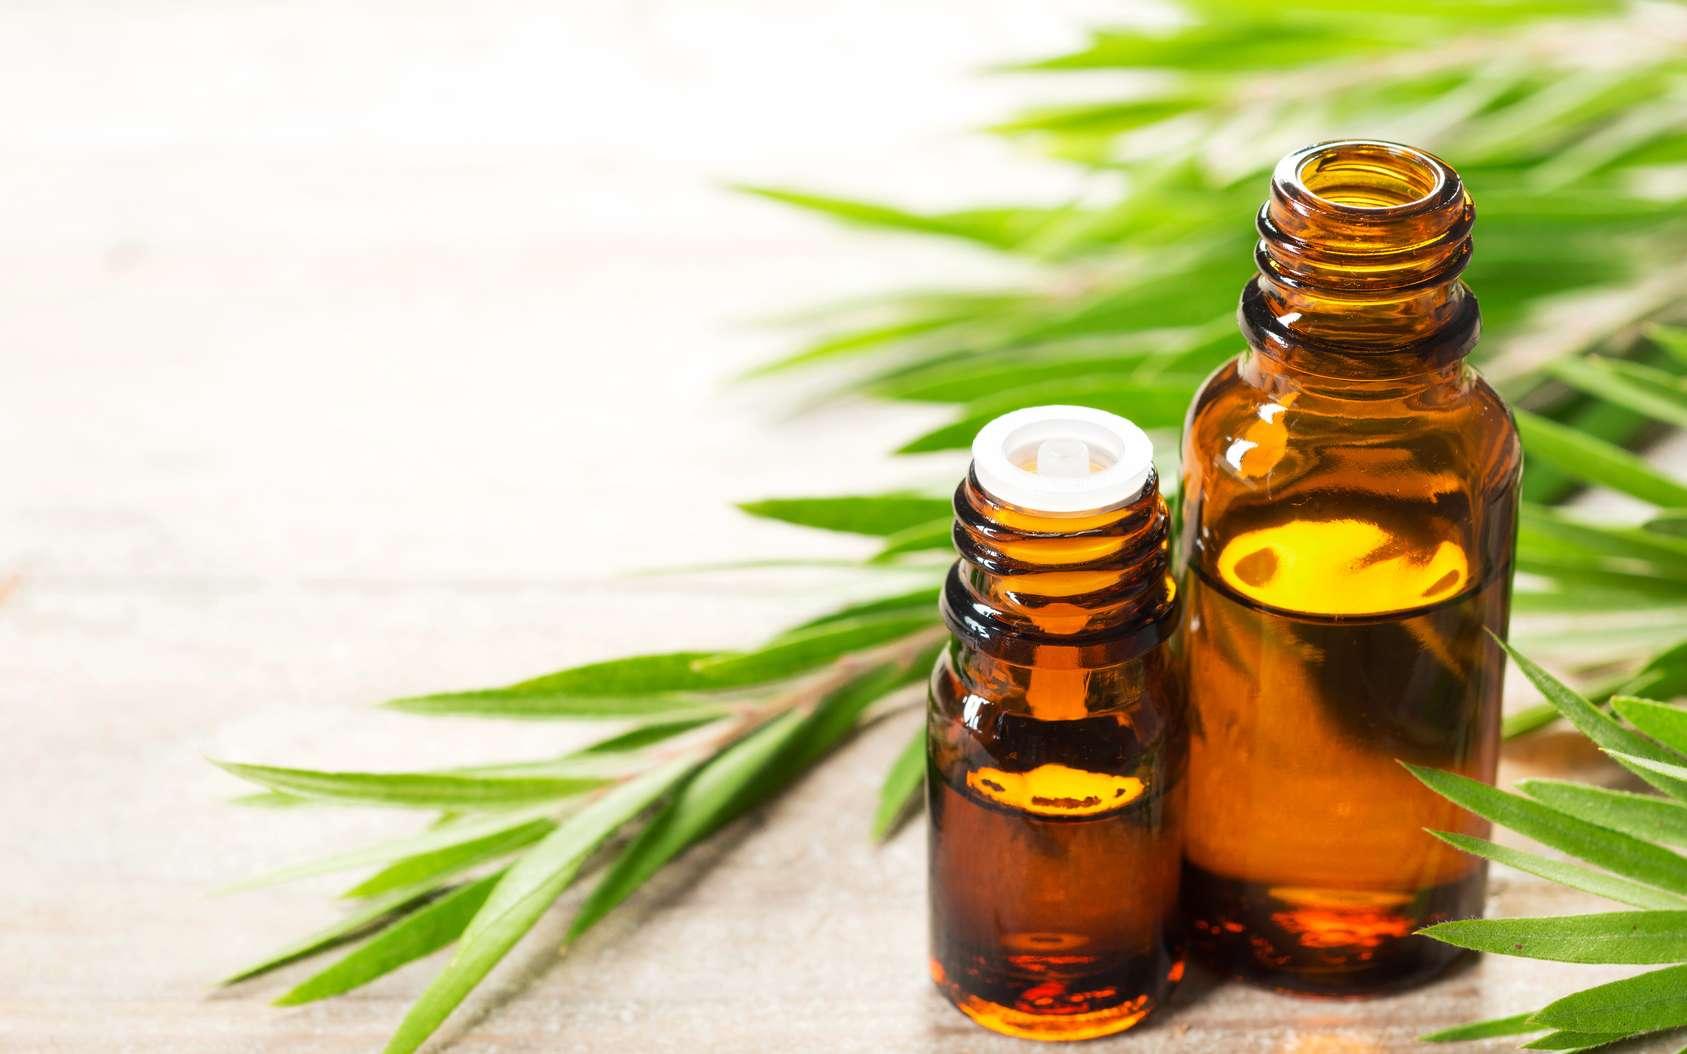 L'huile essentielle de tea tree : quelles sont ses vertus ?